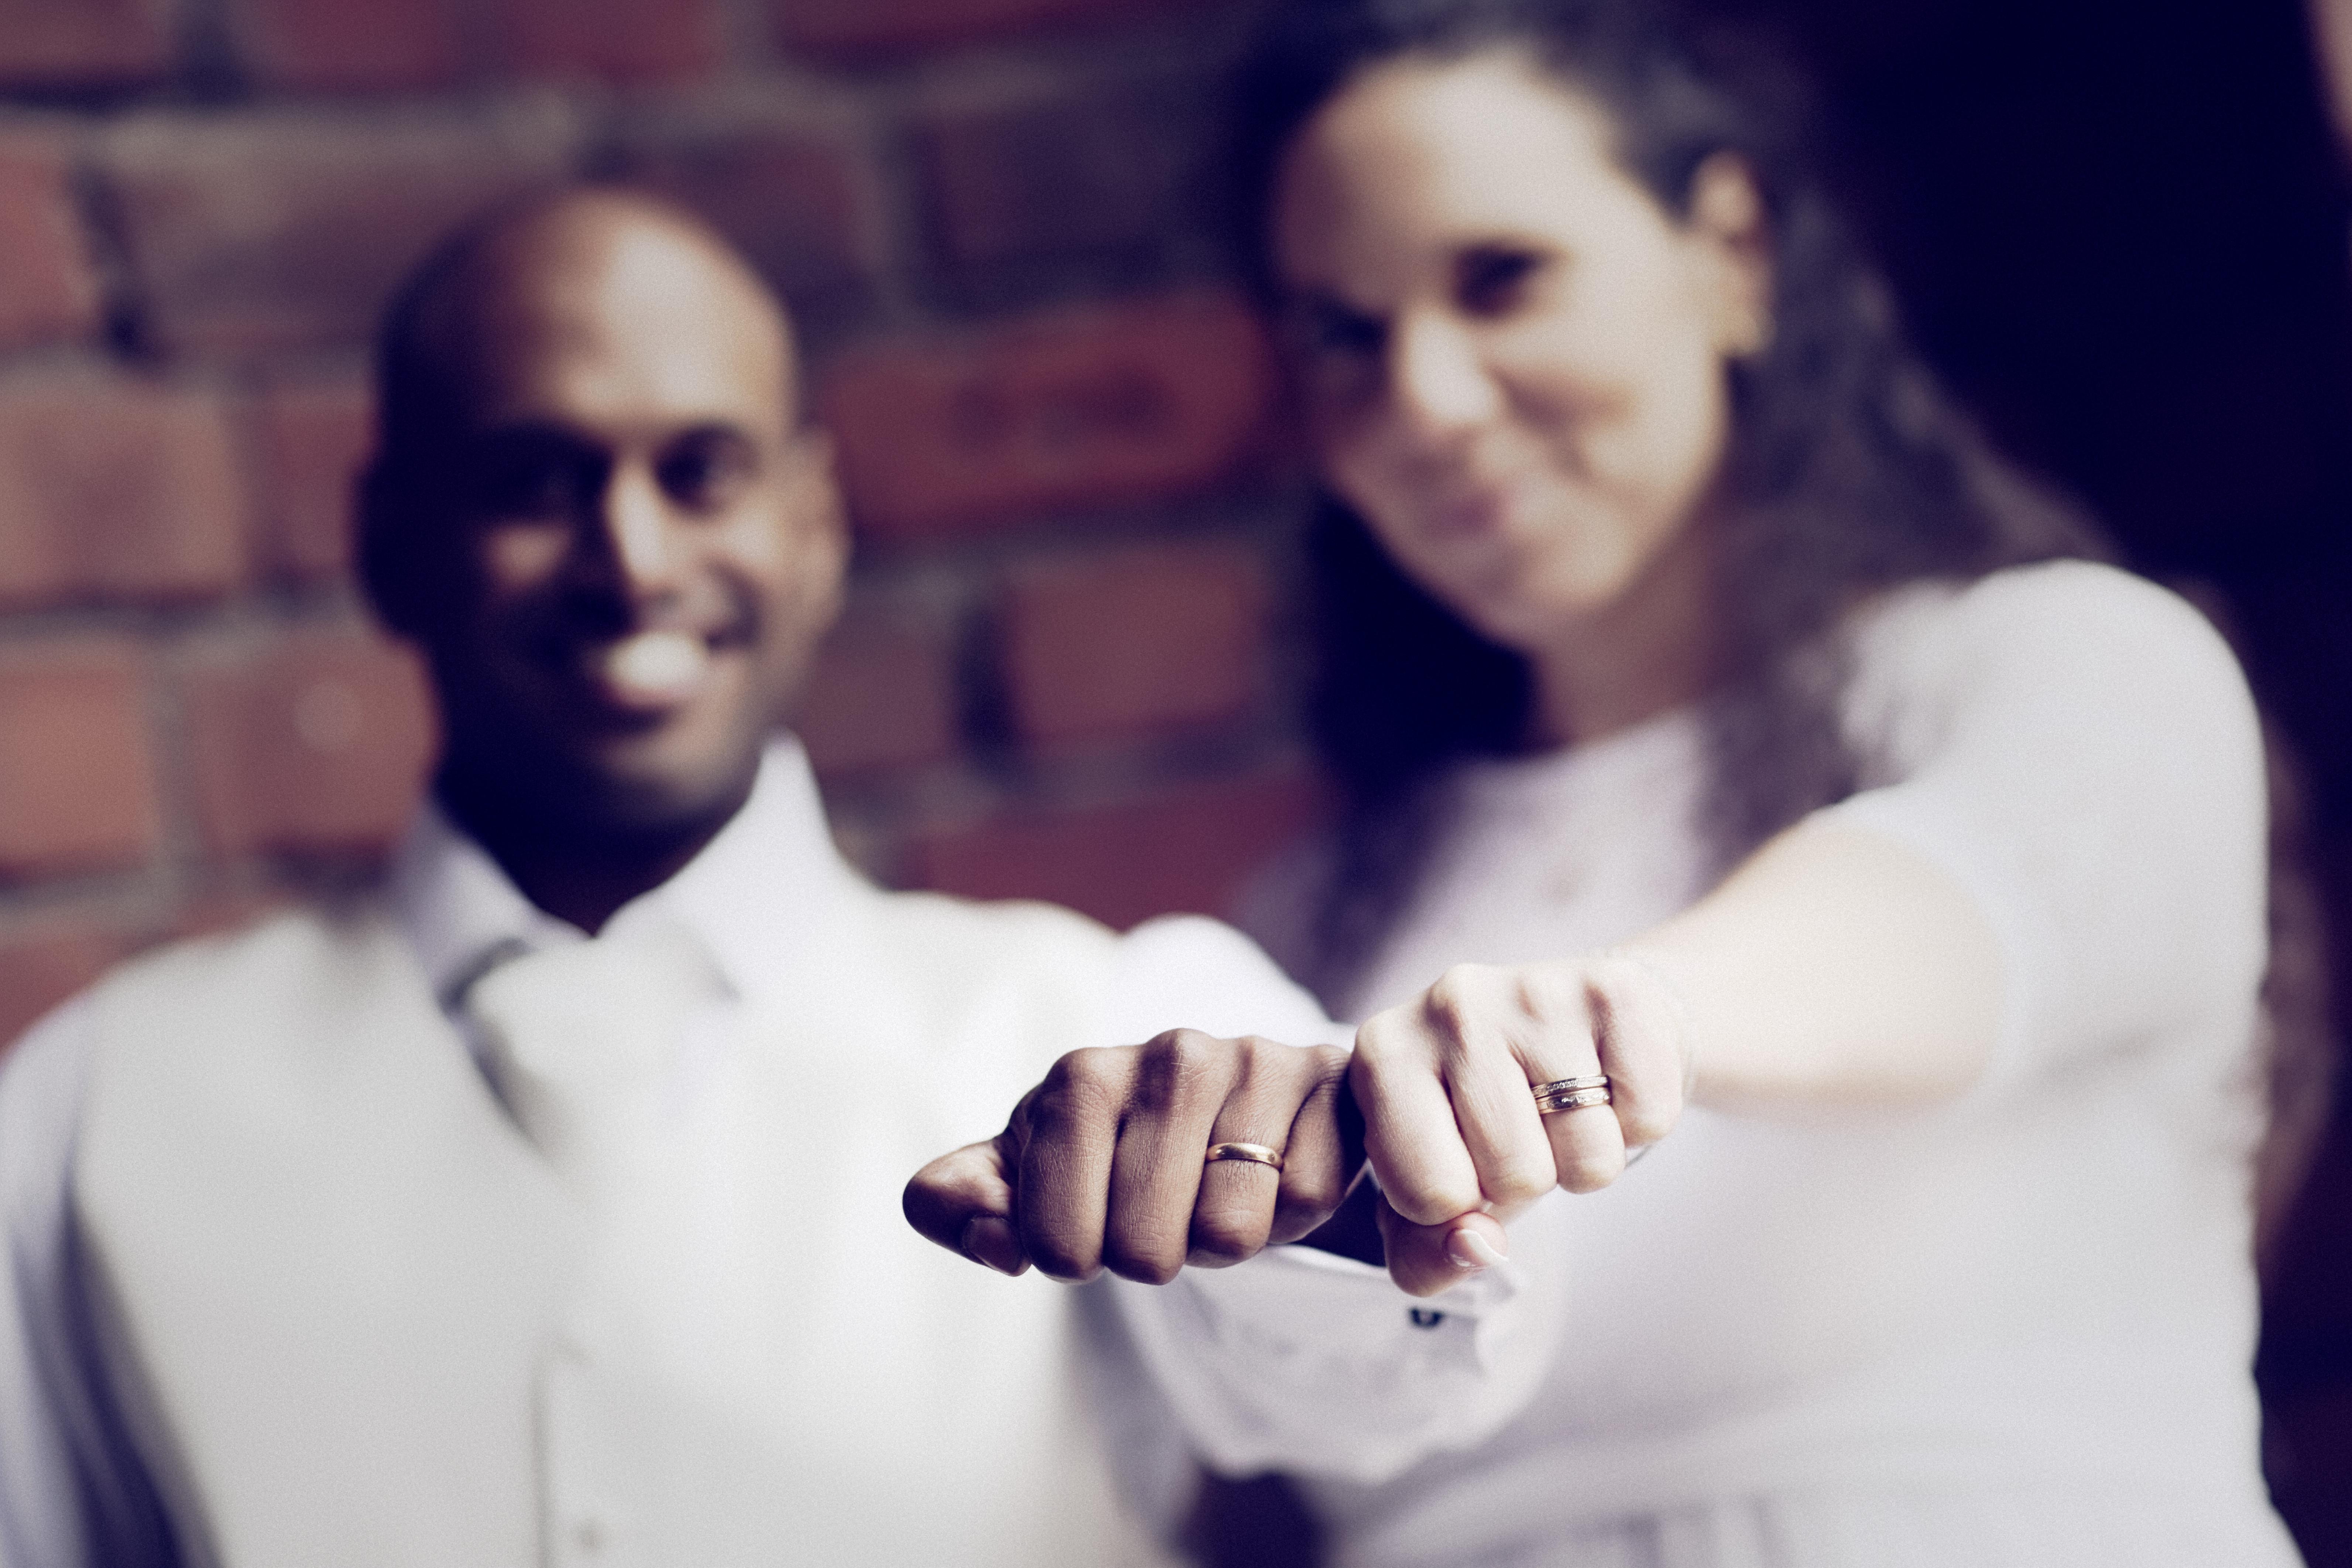 Bröllopsporträtt 6 - ringarna